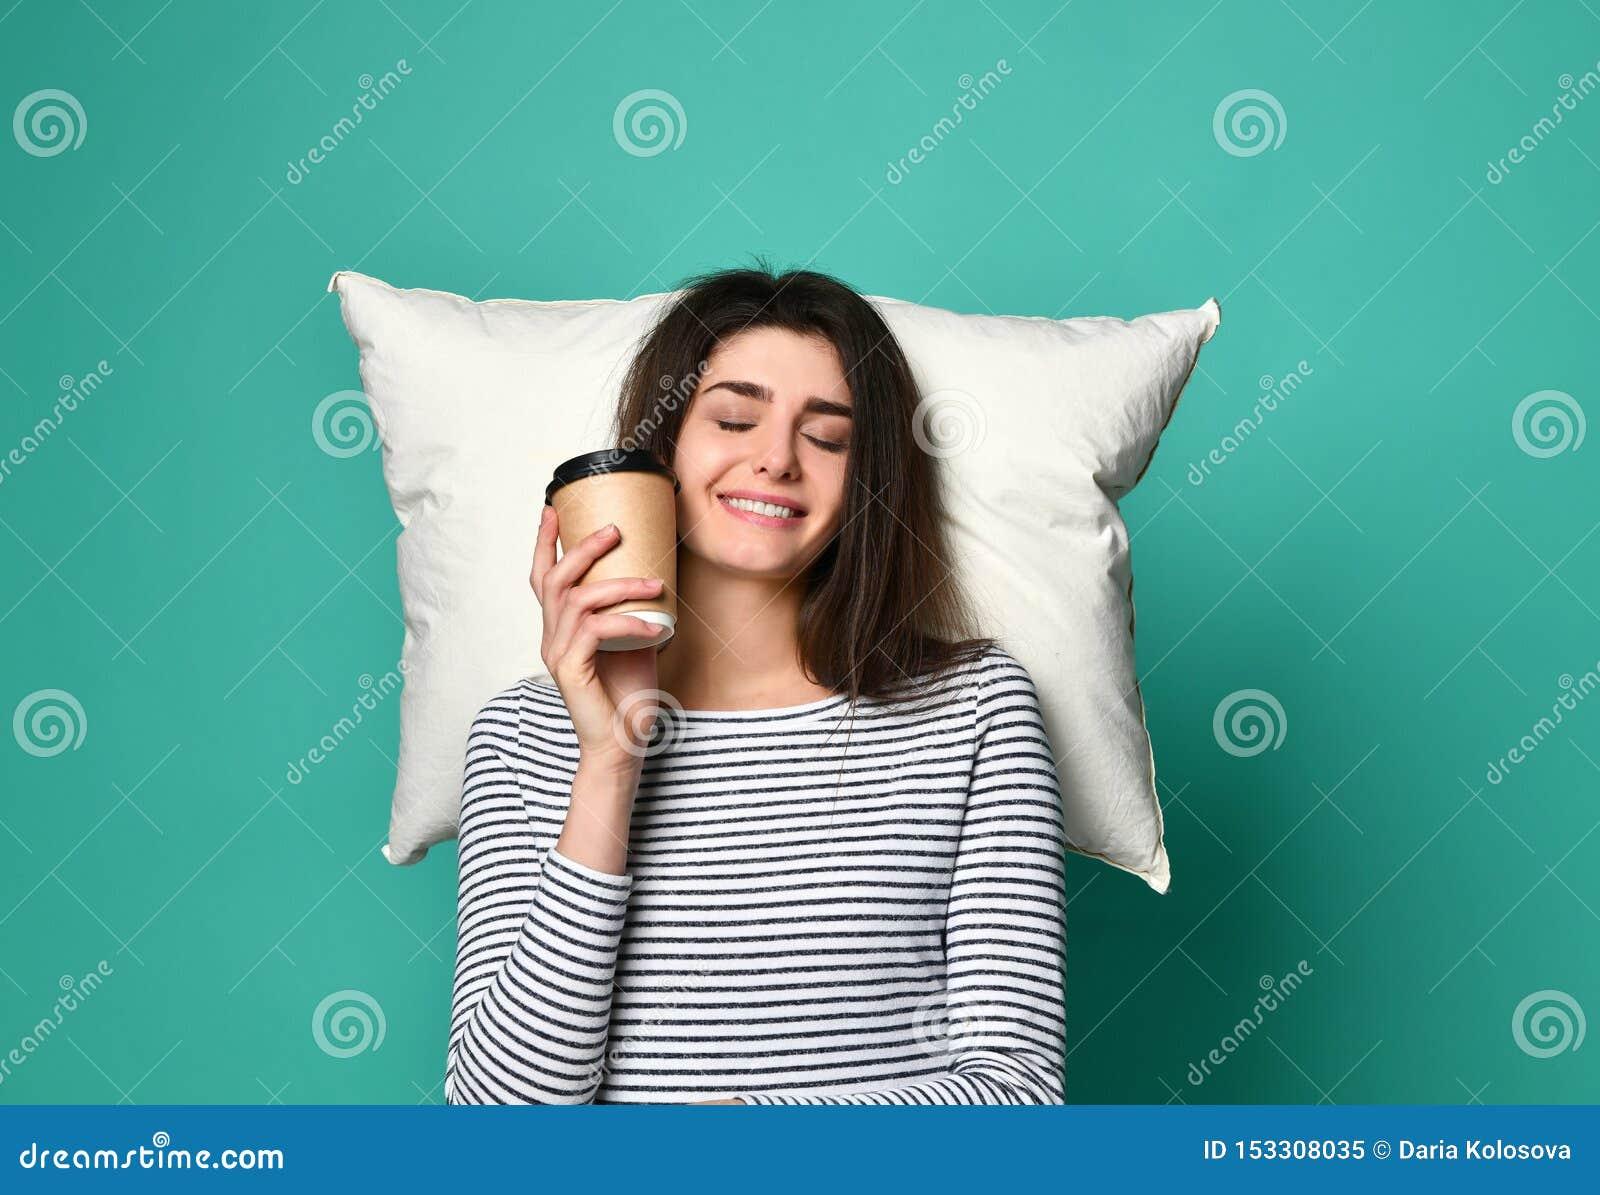 Ευτυχής νέα γυναίκα με ένα φλιτζάνι του καφέ ή τσάι στα χέρια της, όνειρα σε ένα μαξιλάρι για τίποτα